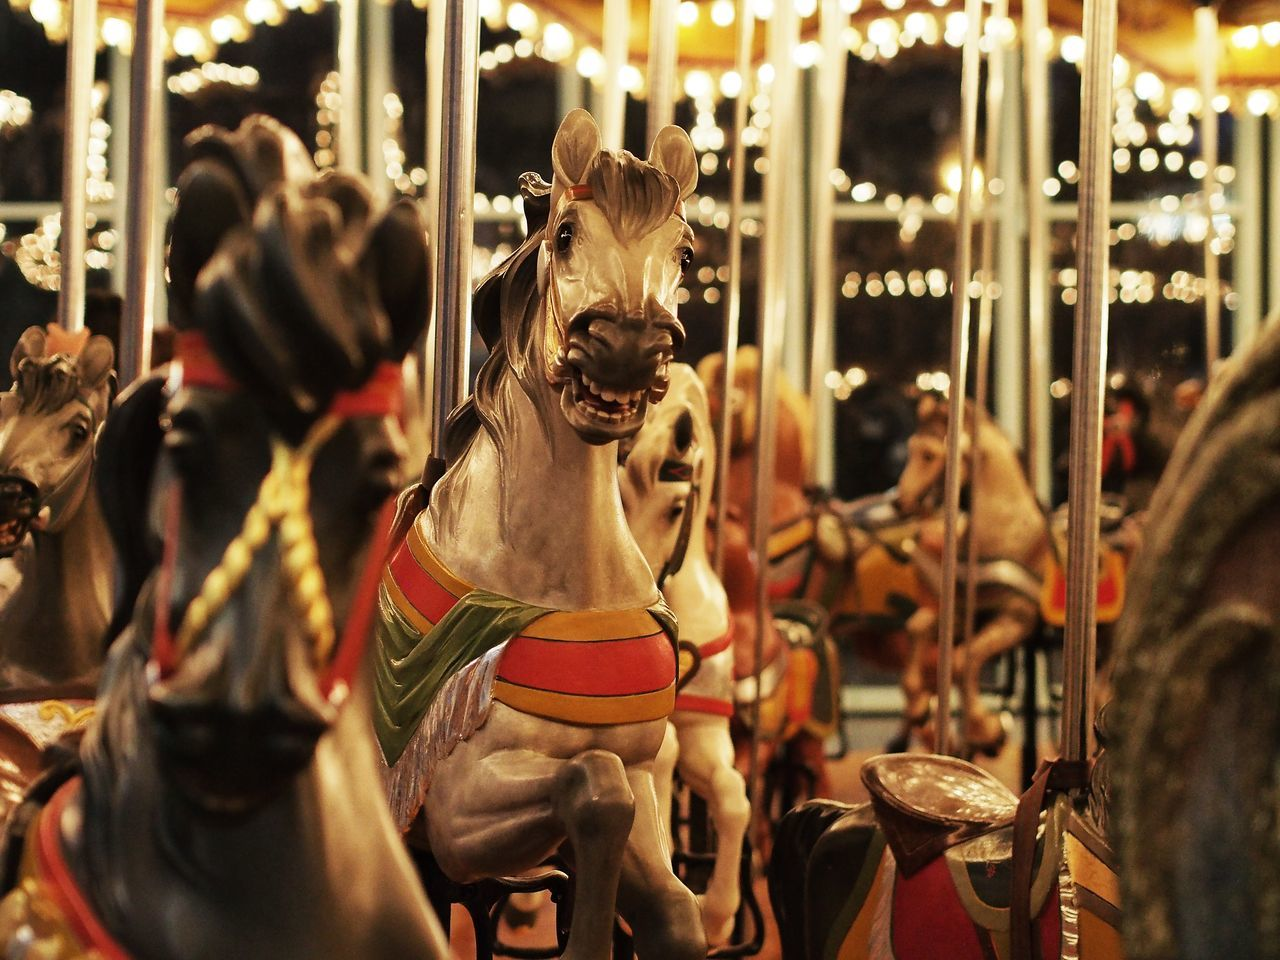 Marygoround Horse DUMBO Brooklyn M.Zuiko 45mm 1:1,8